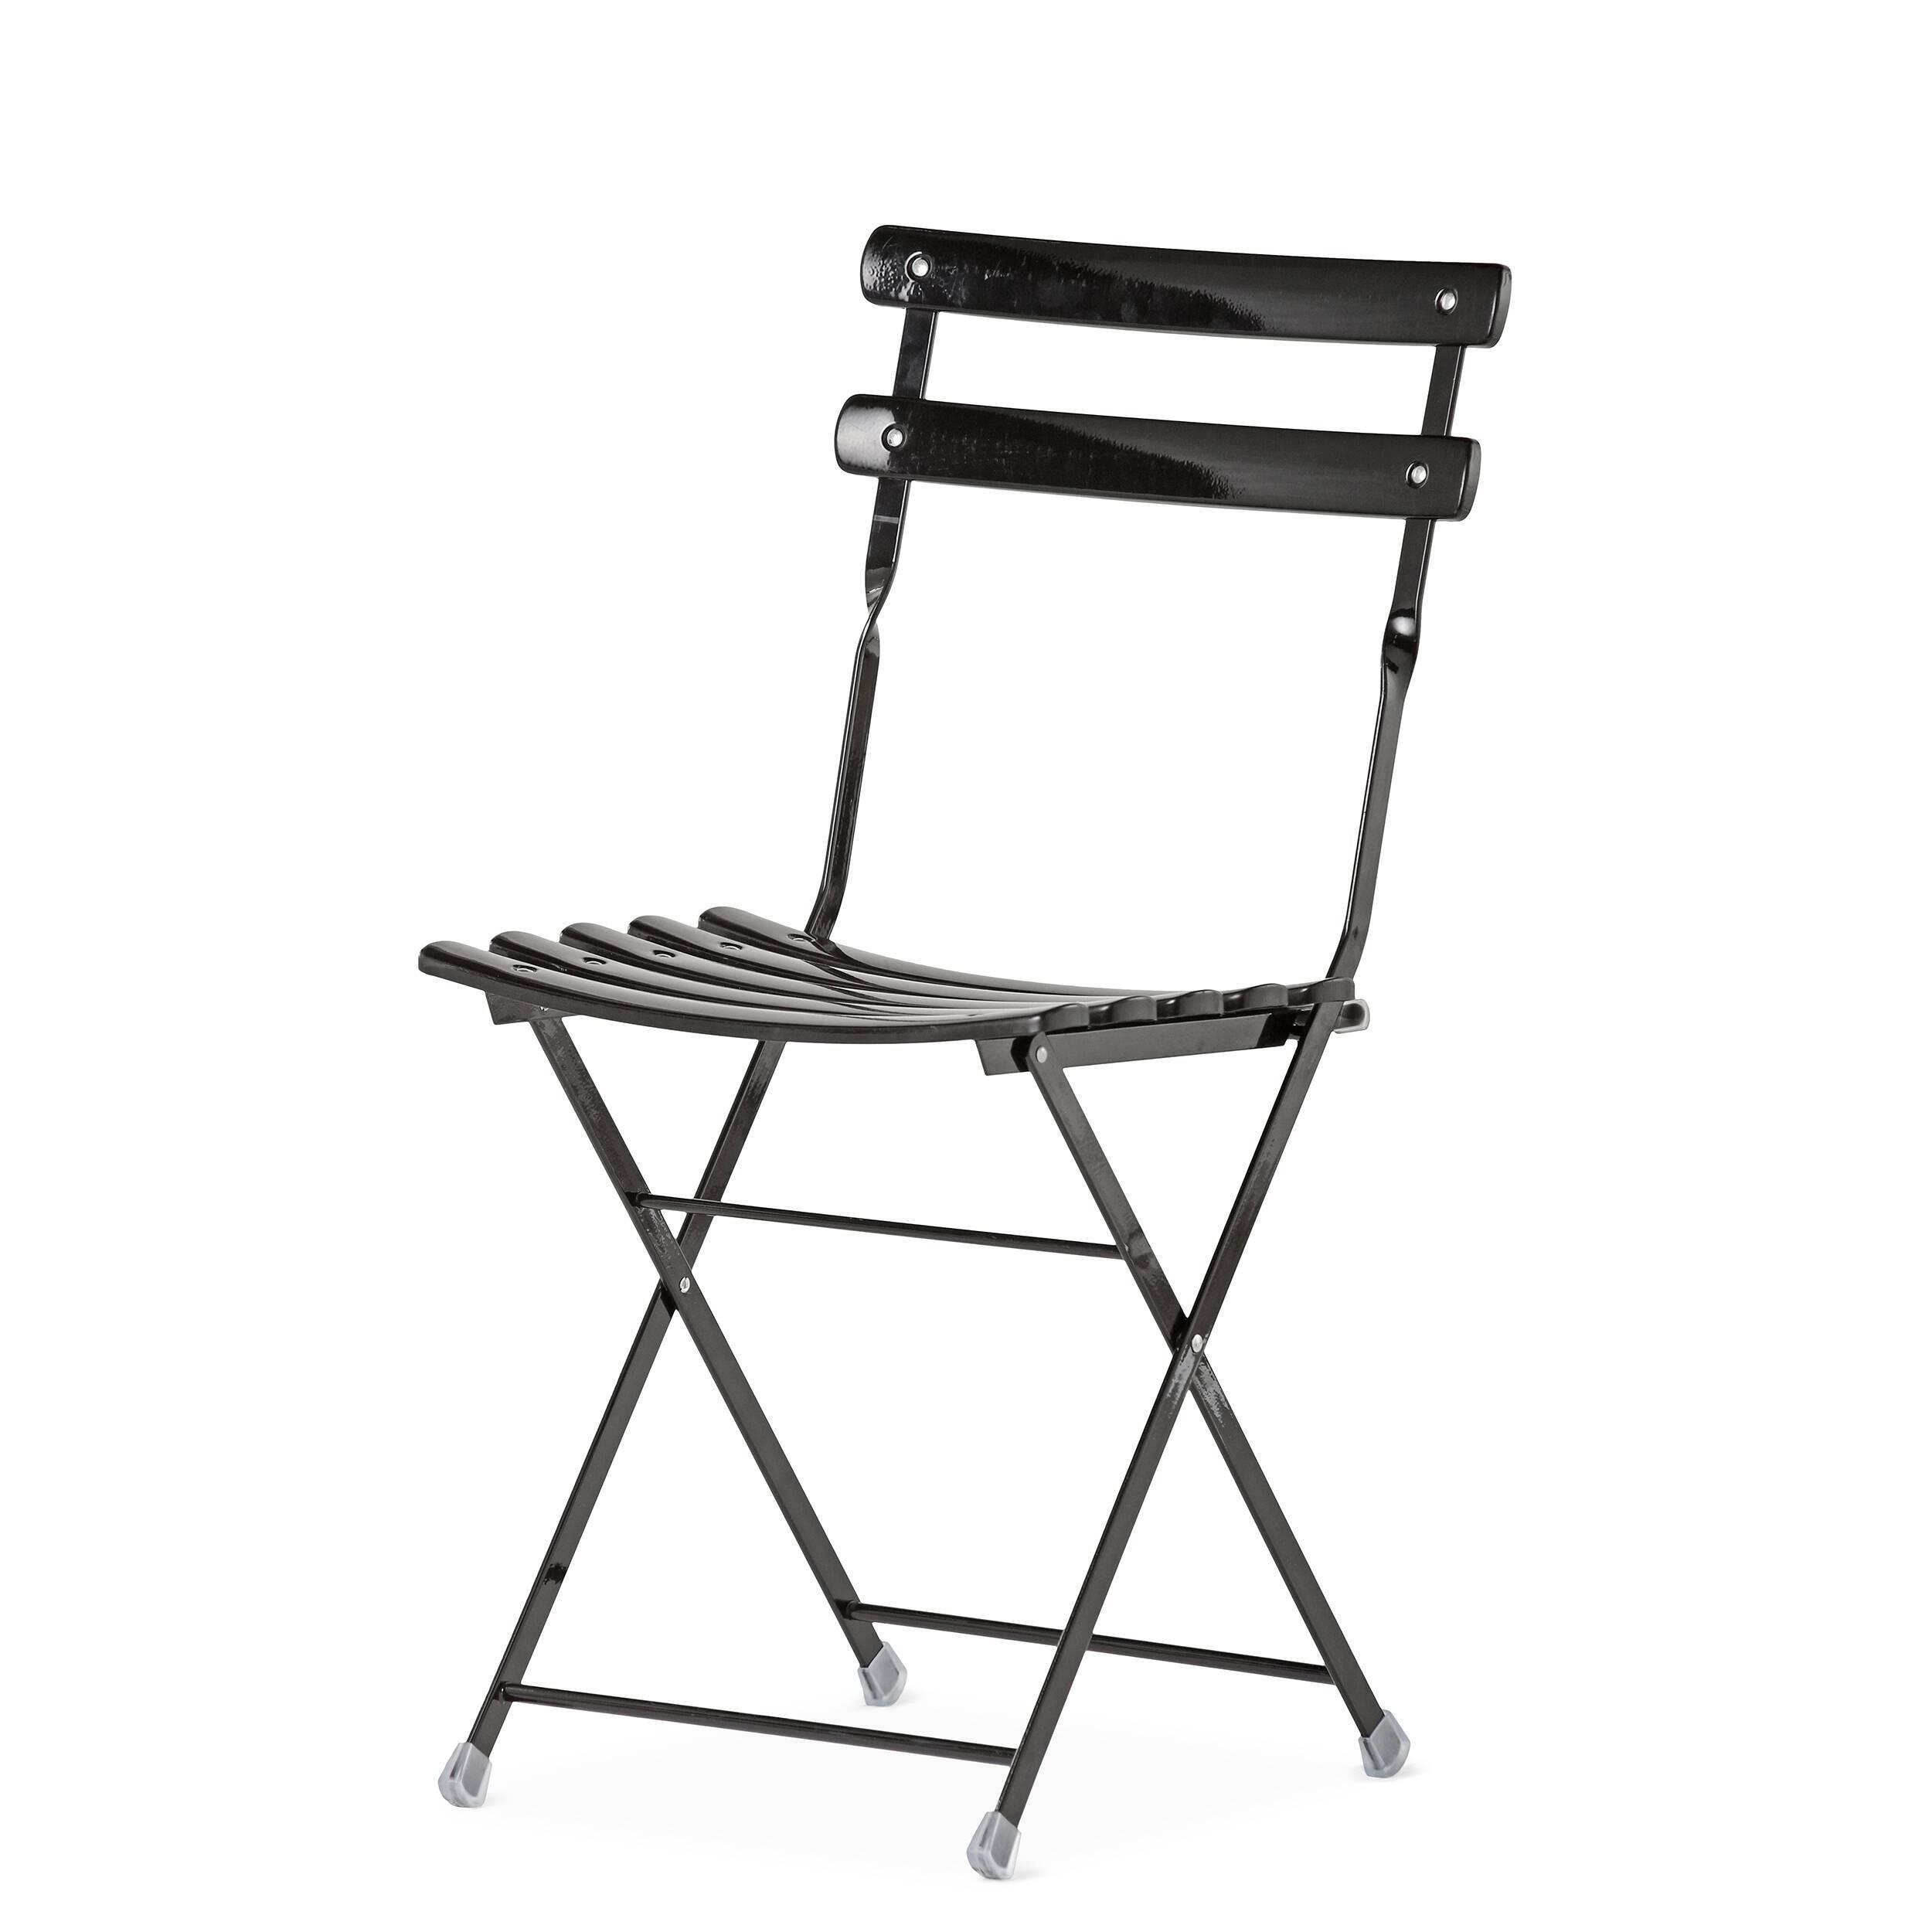 Стул CortileИнтерьерные<br>Дизайнерский легкий складной простой одноонный стул Cortile (Кортиль) из стали от Cosmo (Космо).<br><br>     Легкий, удобный, надежный и практичный — такими эпитетами можно охарактеризовать стул Cortile. Стальная конструкция не только придает ему прочность, но и позволяет использовать на открытом воздухе. Благодаря складному механизму этот предмет мебели легко хранить: он займет совсем немного места у стены. А простая, но вместе с тем изящная форма делает это изделие визуально легким, даже воздуш...<br><br>stock: 0<br>Высота: 81<br>Высота сиденья: 44<br>Ширина: 42,5<br>Глубина: 43<br>Тип материала каркаса: Сталь<br>Цвет каркаса: Черный